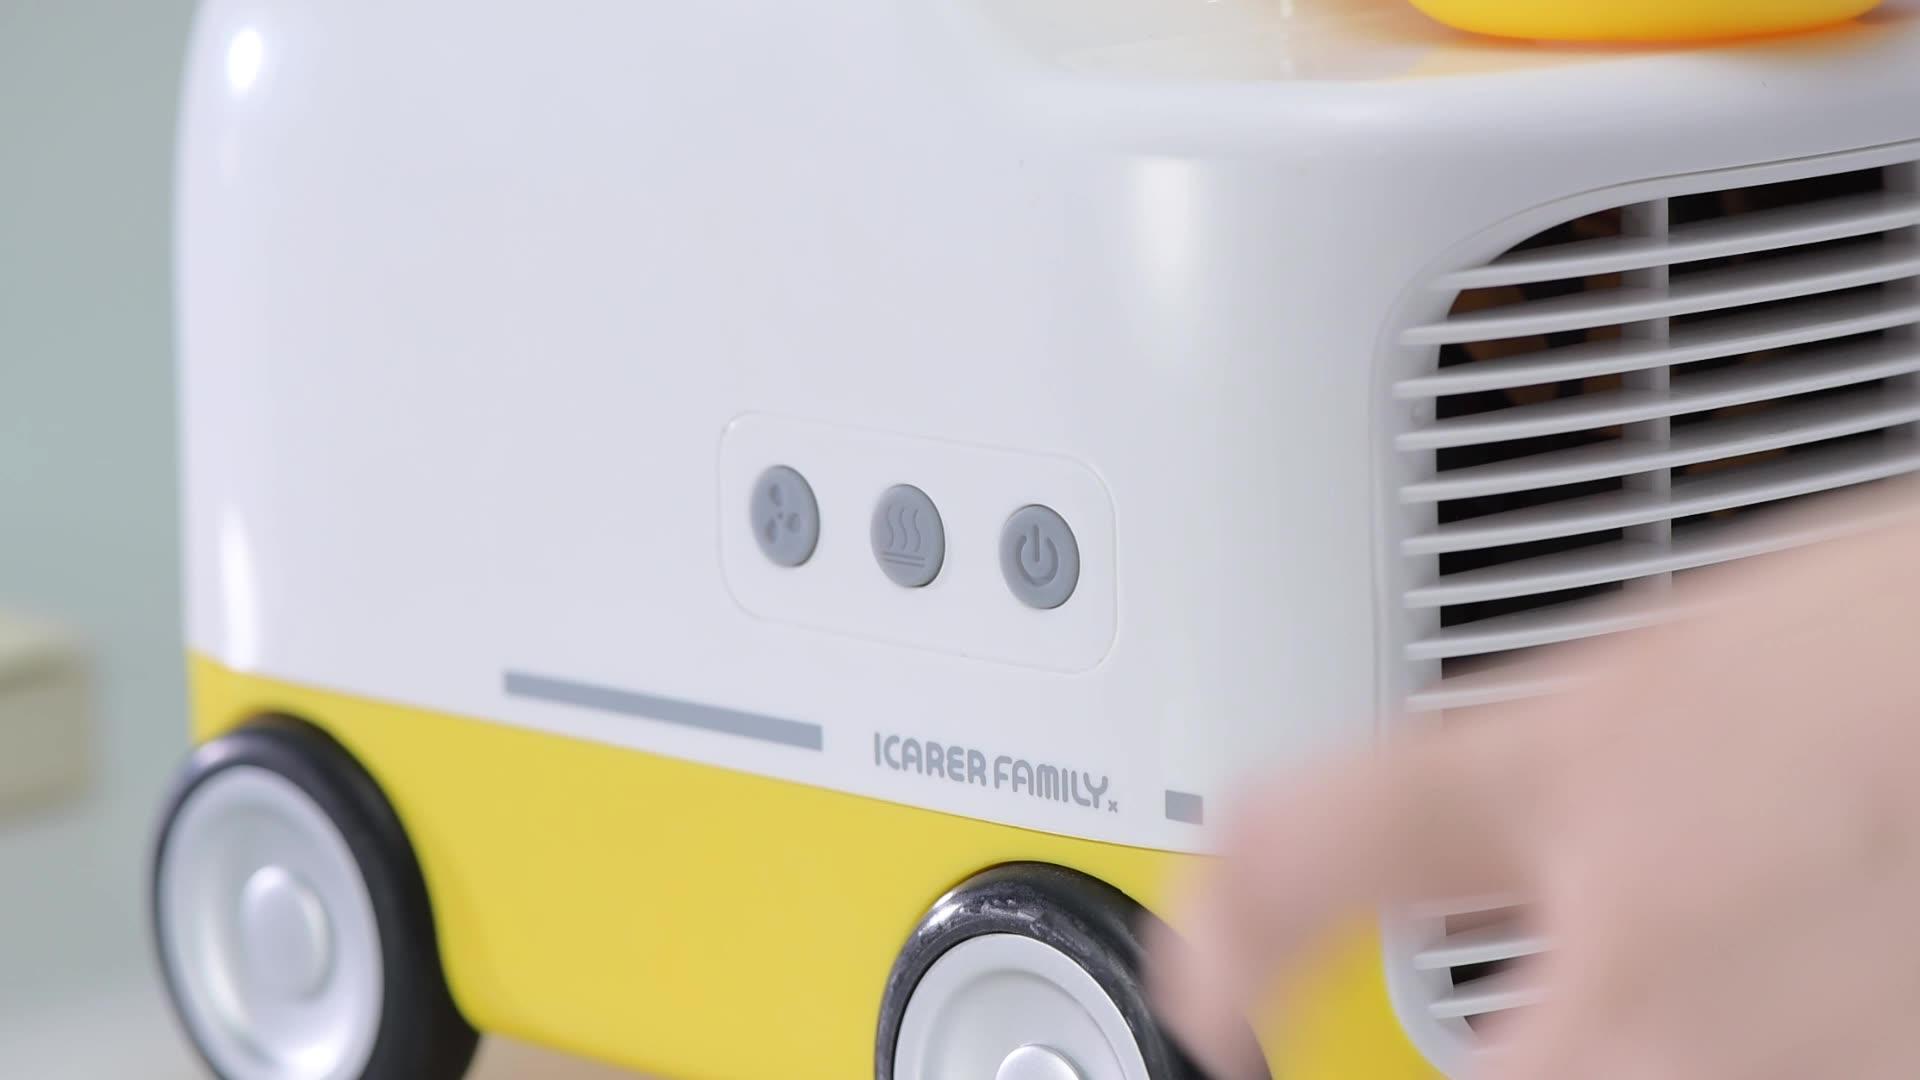 ใหม่มาถึงบ้านเครื่องใช้ไฟฟ้าแบบพกพา MINI AIR Cooler พัดลมน้ำ Evapolar Humidifier Office Humidifier Air Cooler พัดลม